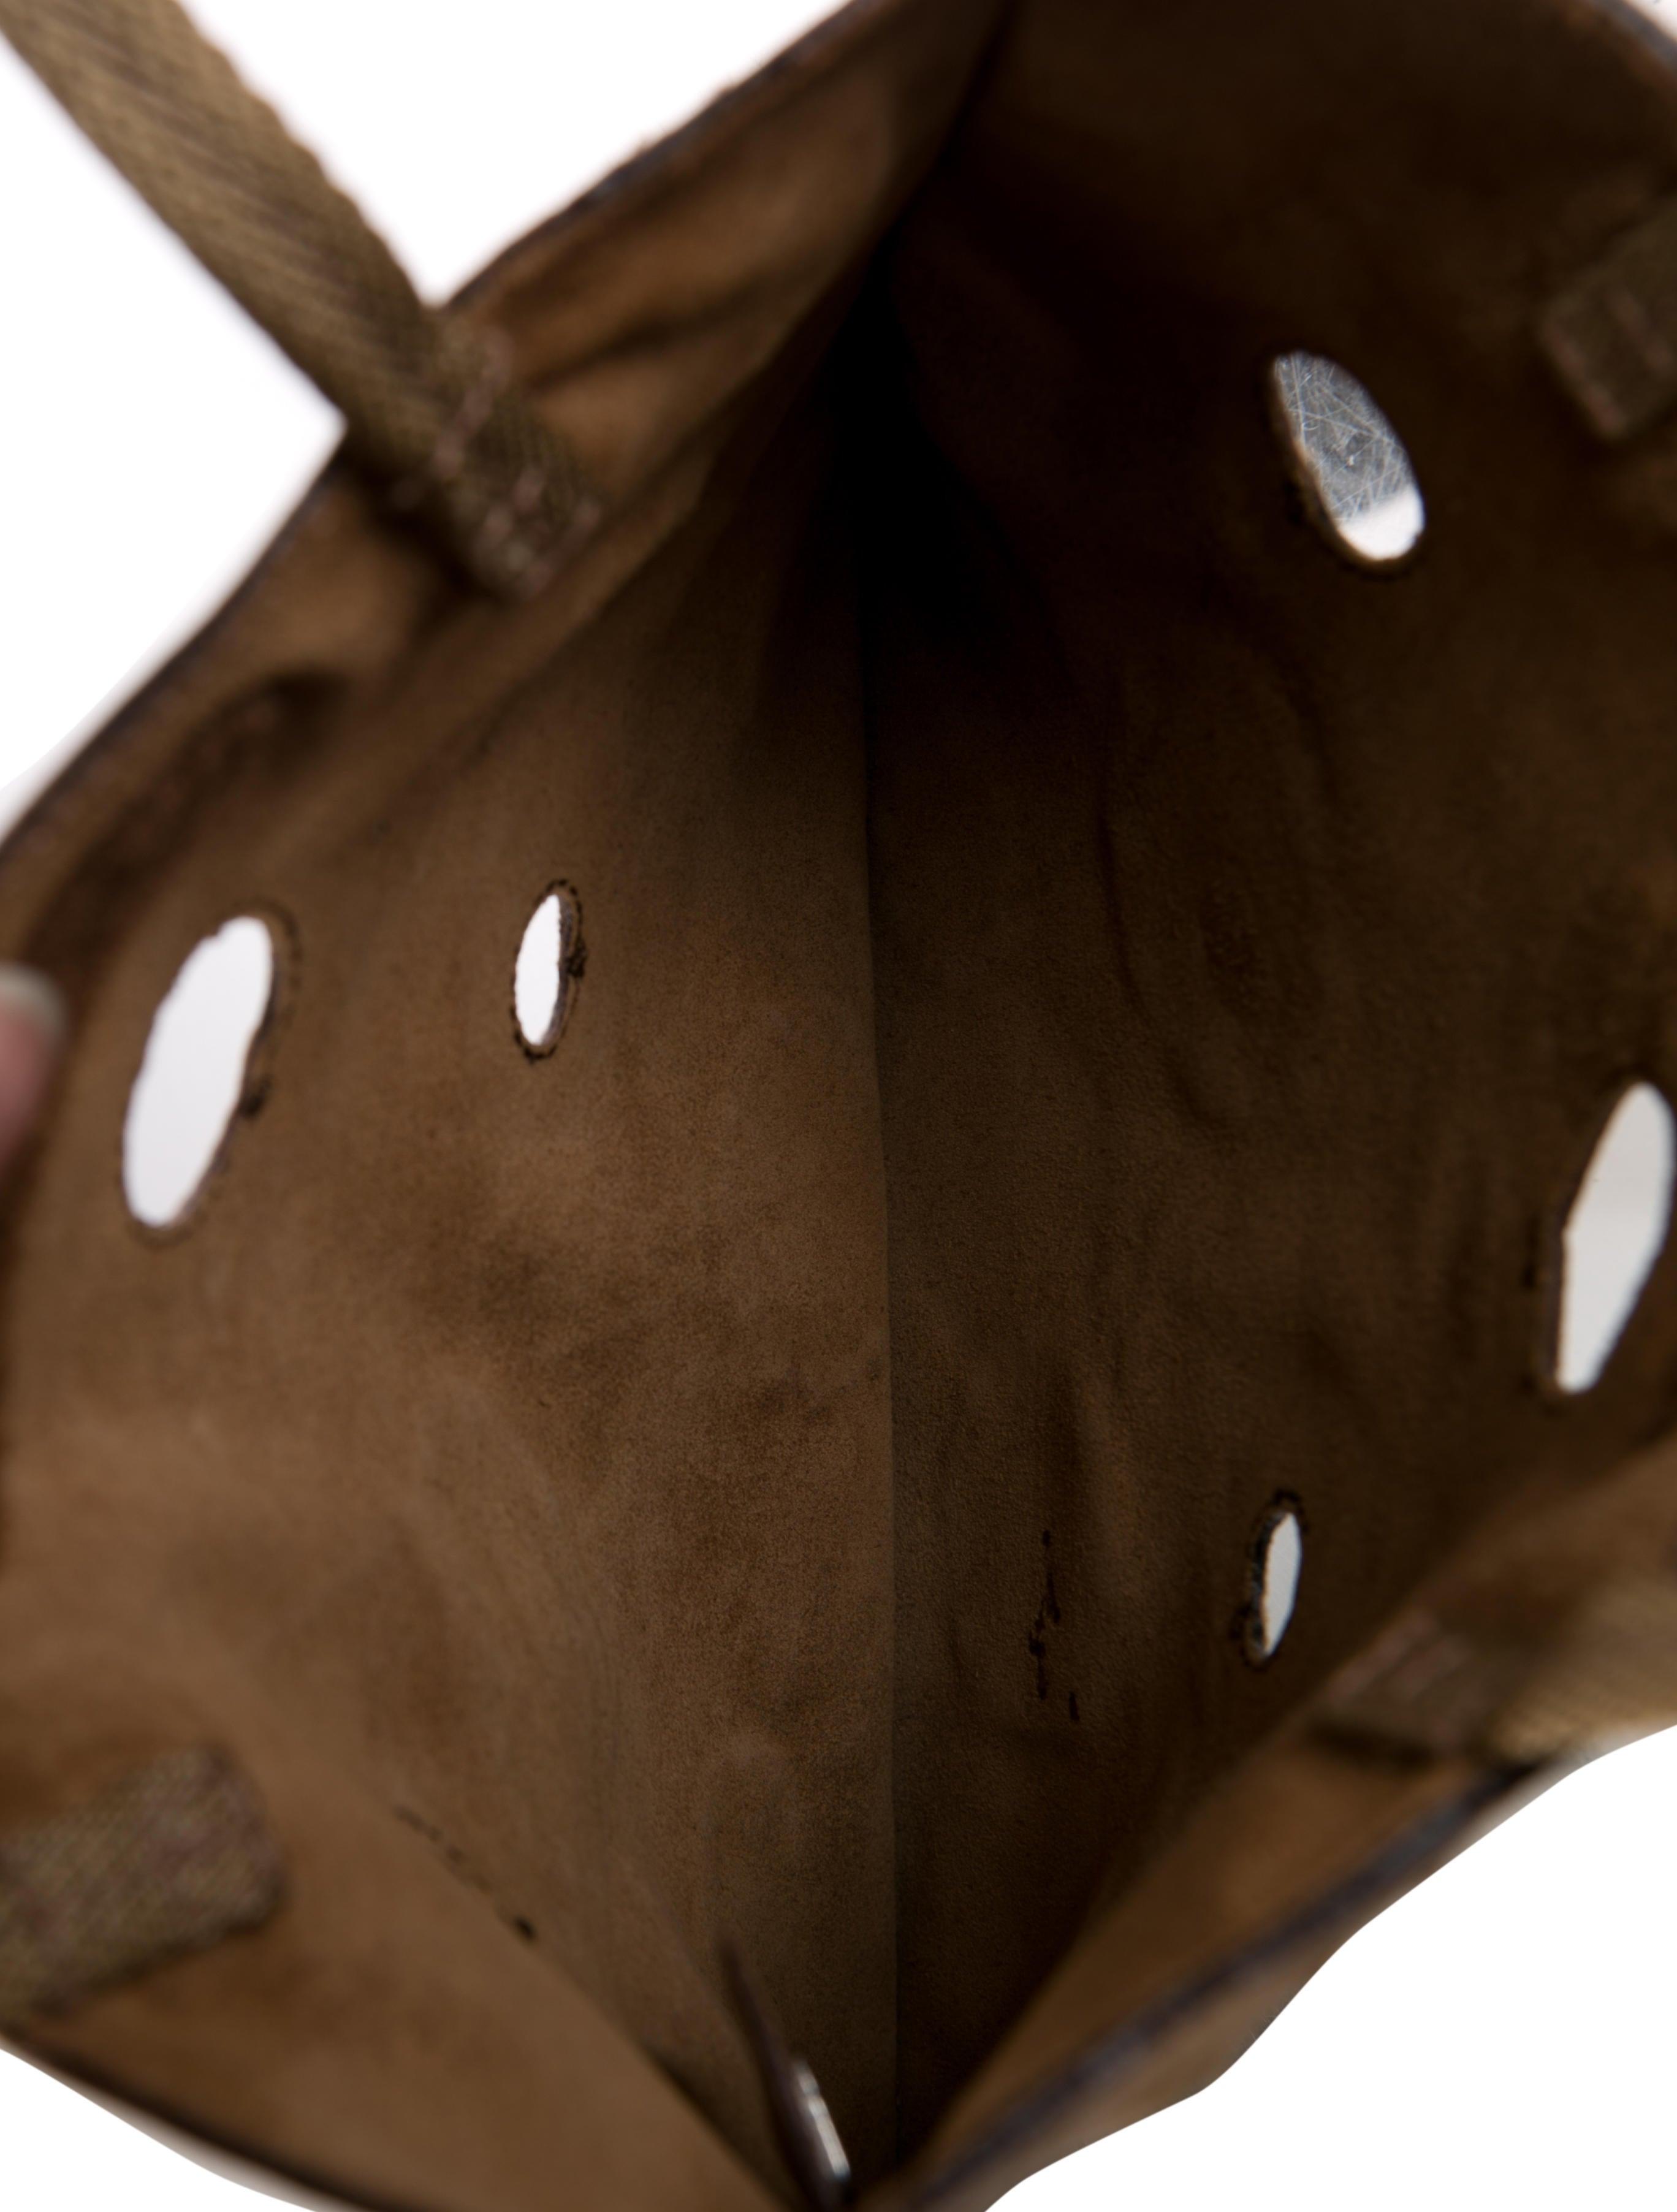 blue and grey pradas - Prada Leather Reflective Handle Bag - Handbags - PRA83133 | The ...